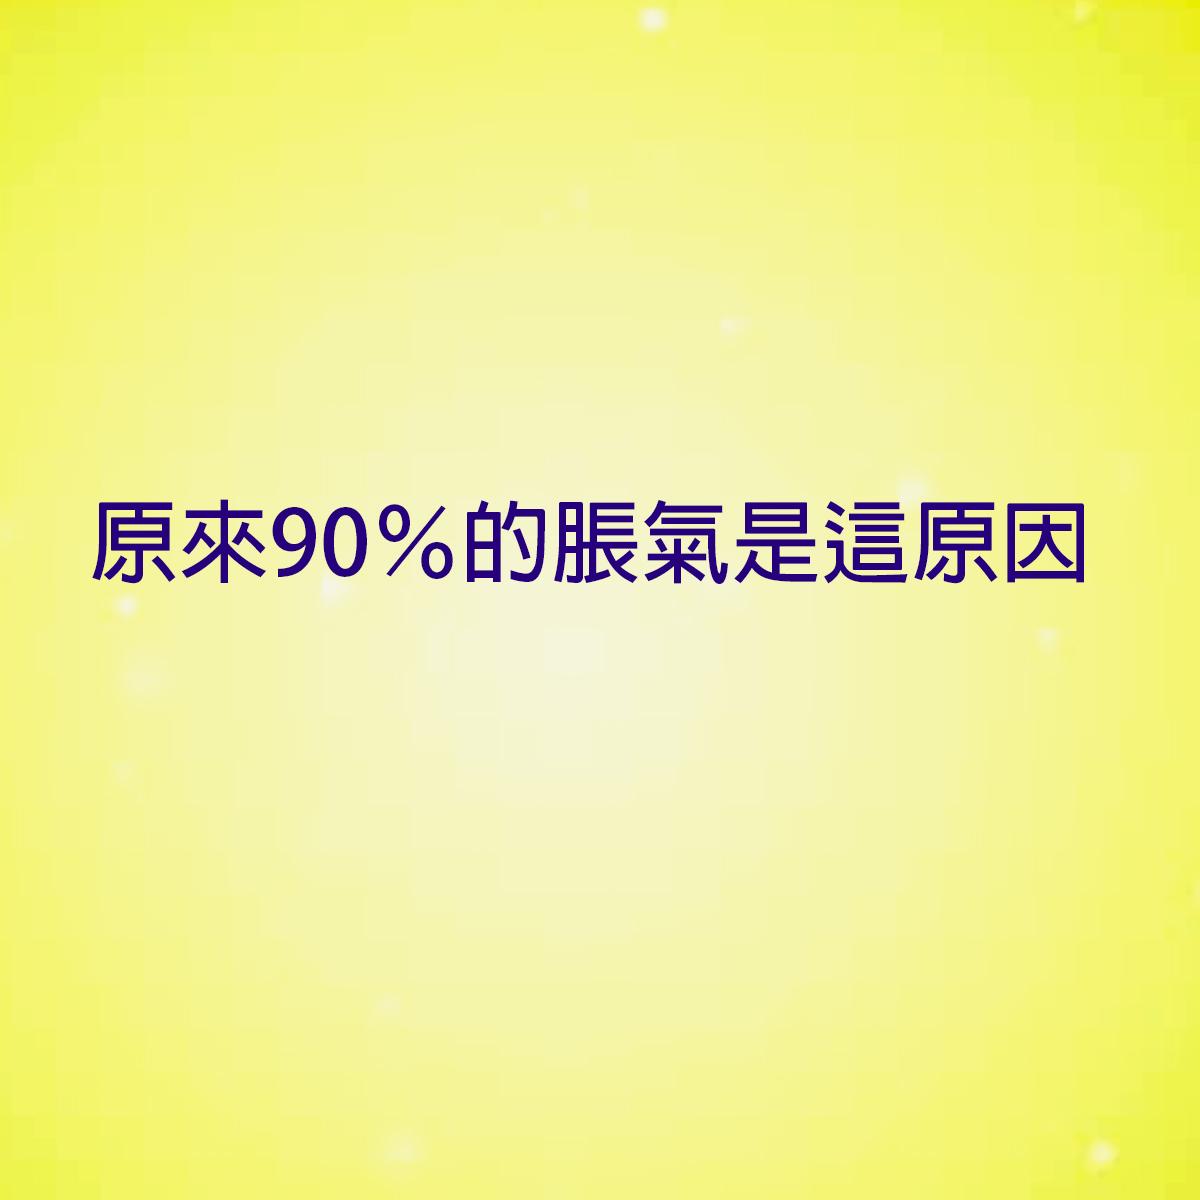 原來90%的脹氣是這原因